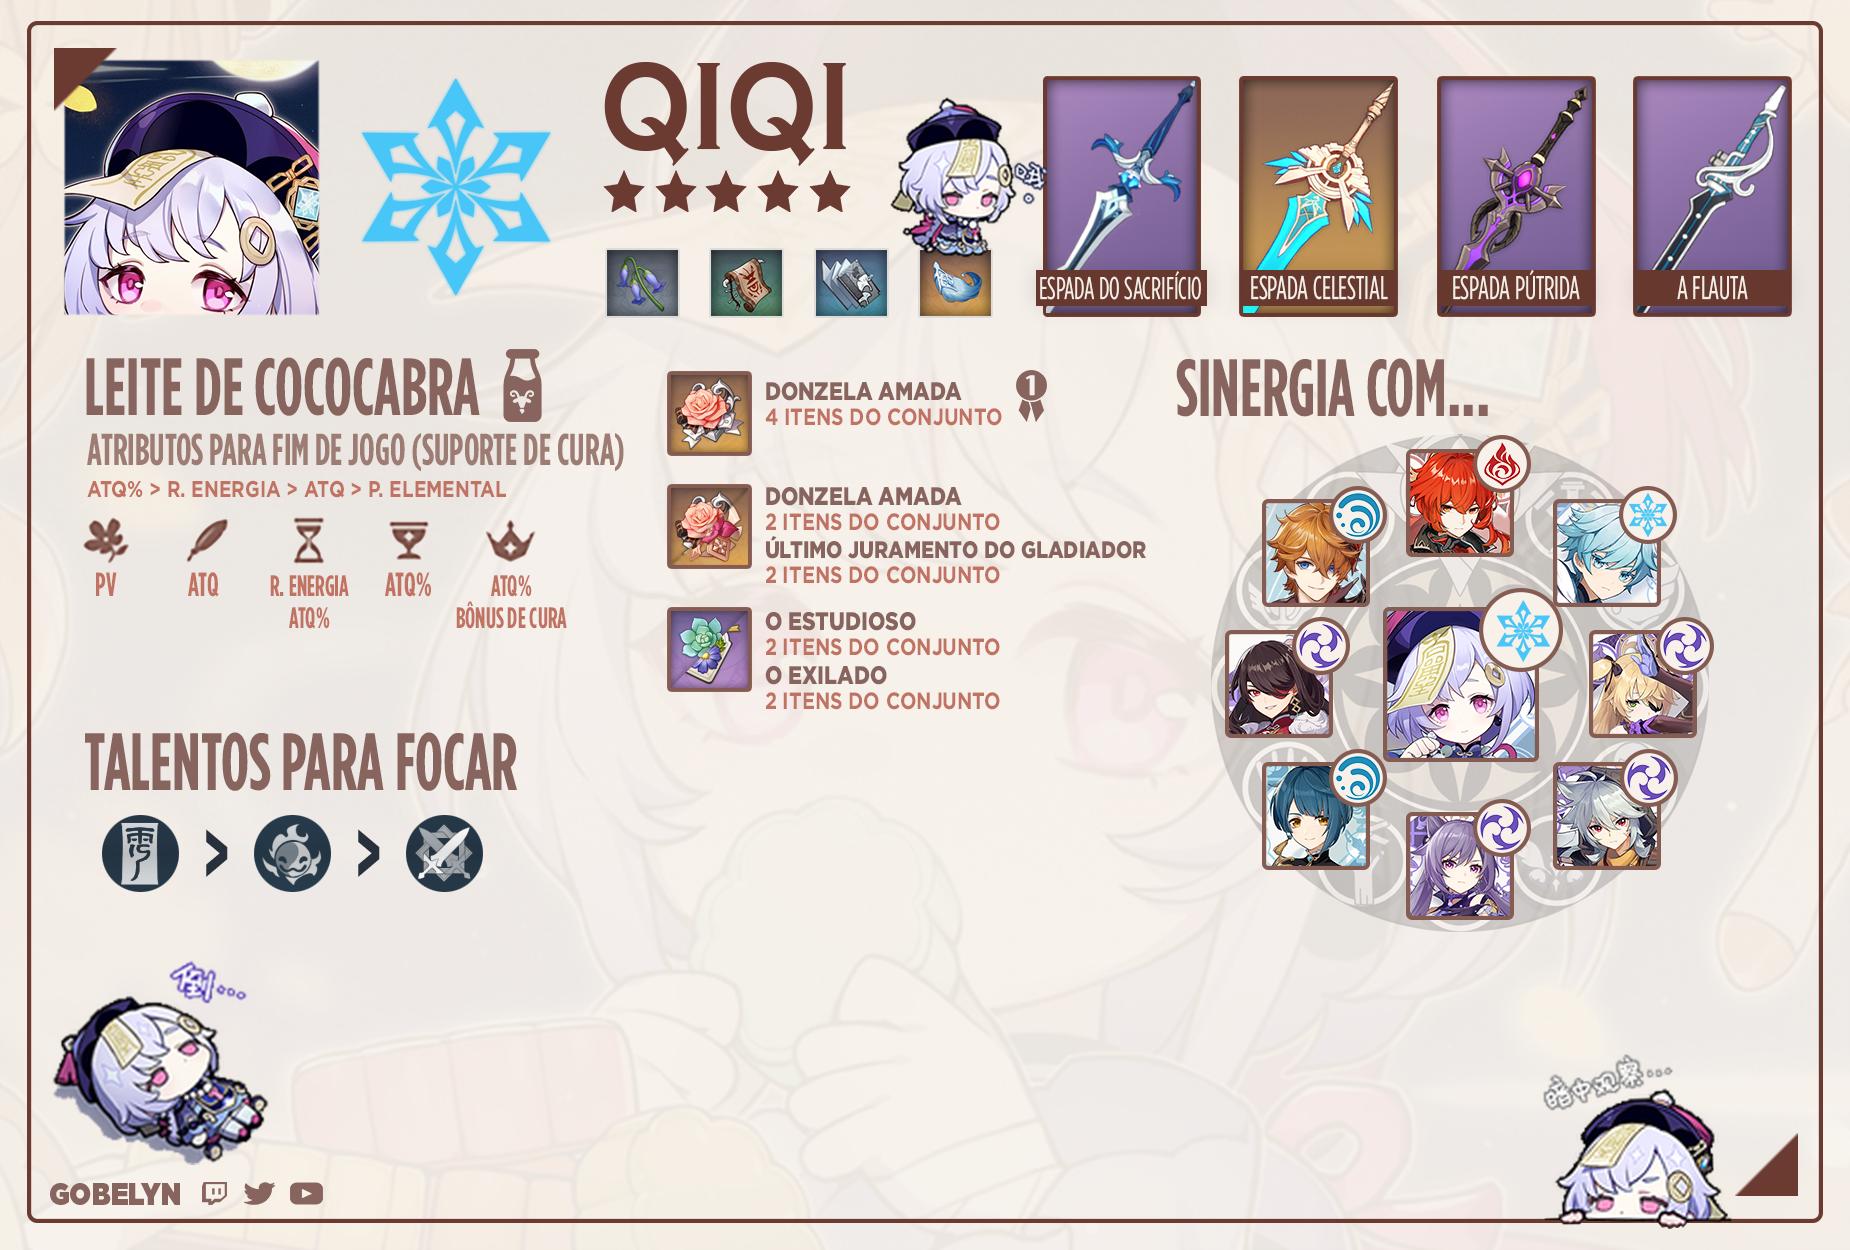 Build recomendada para Qiqi